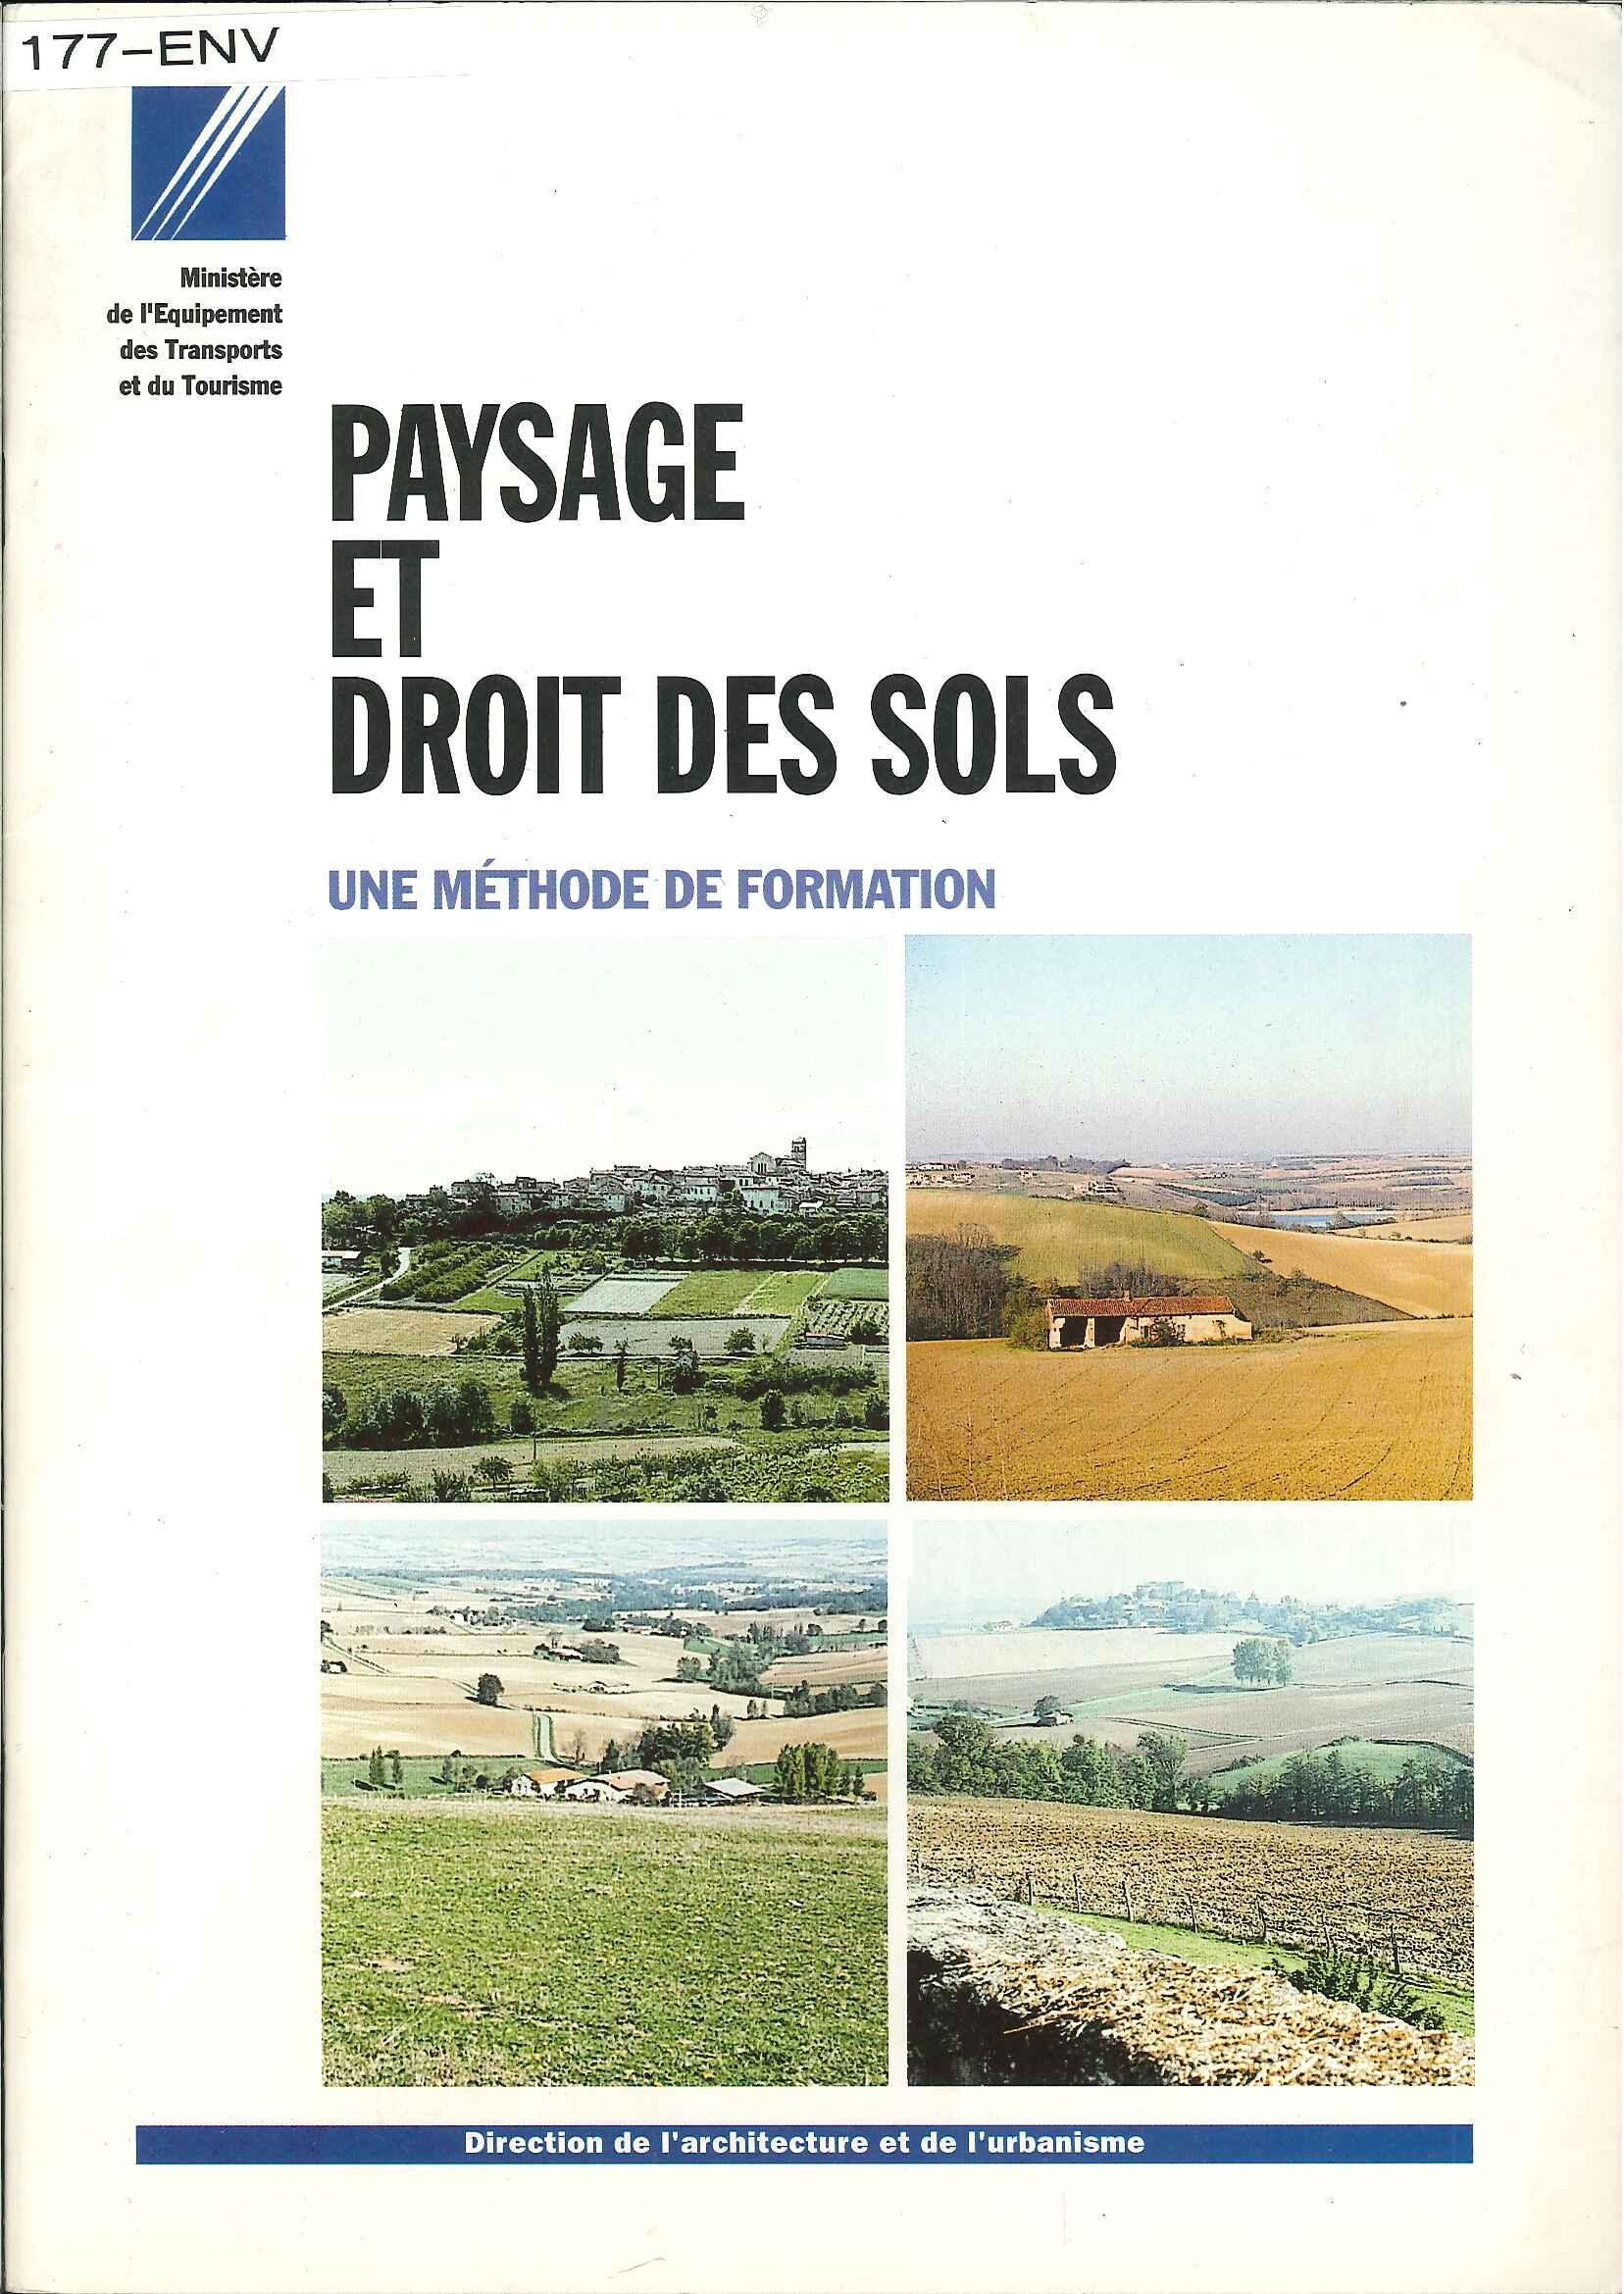 Paysage et droit des sols